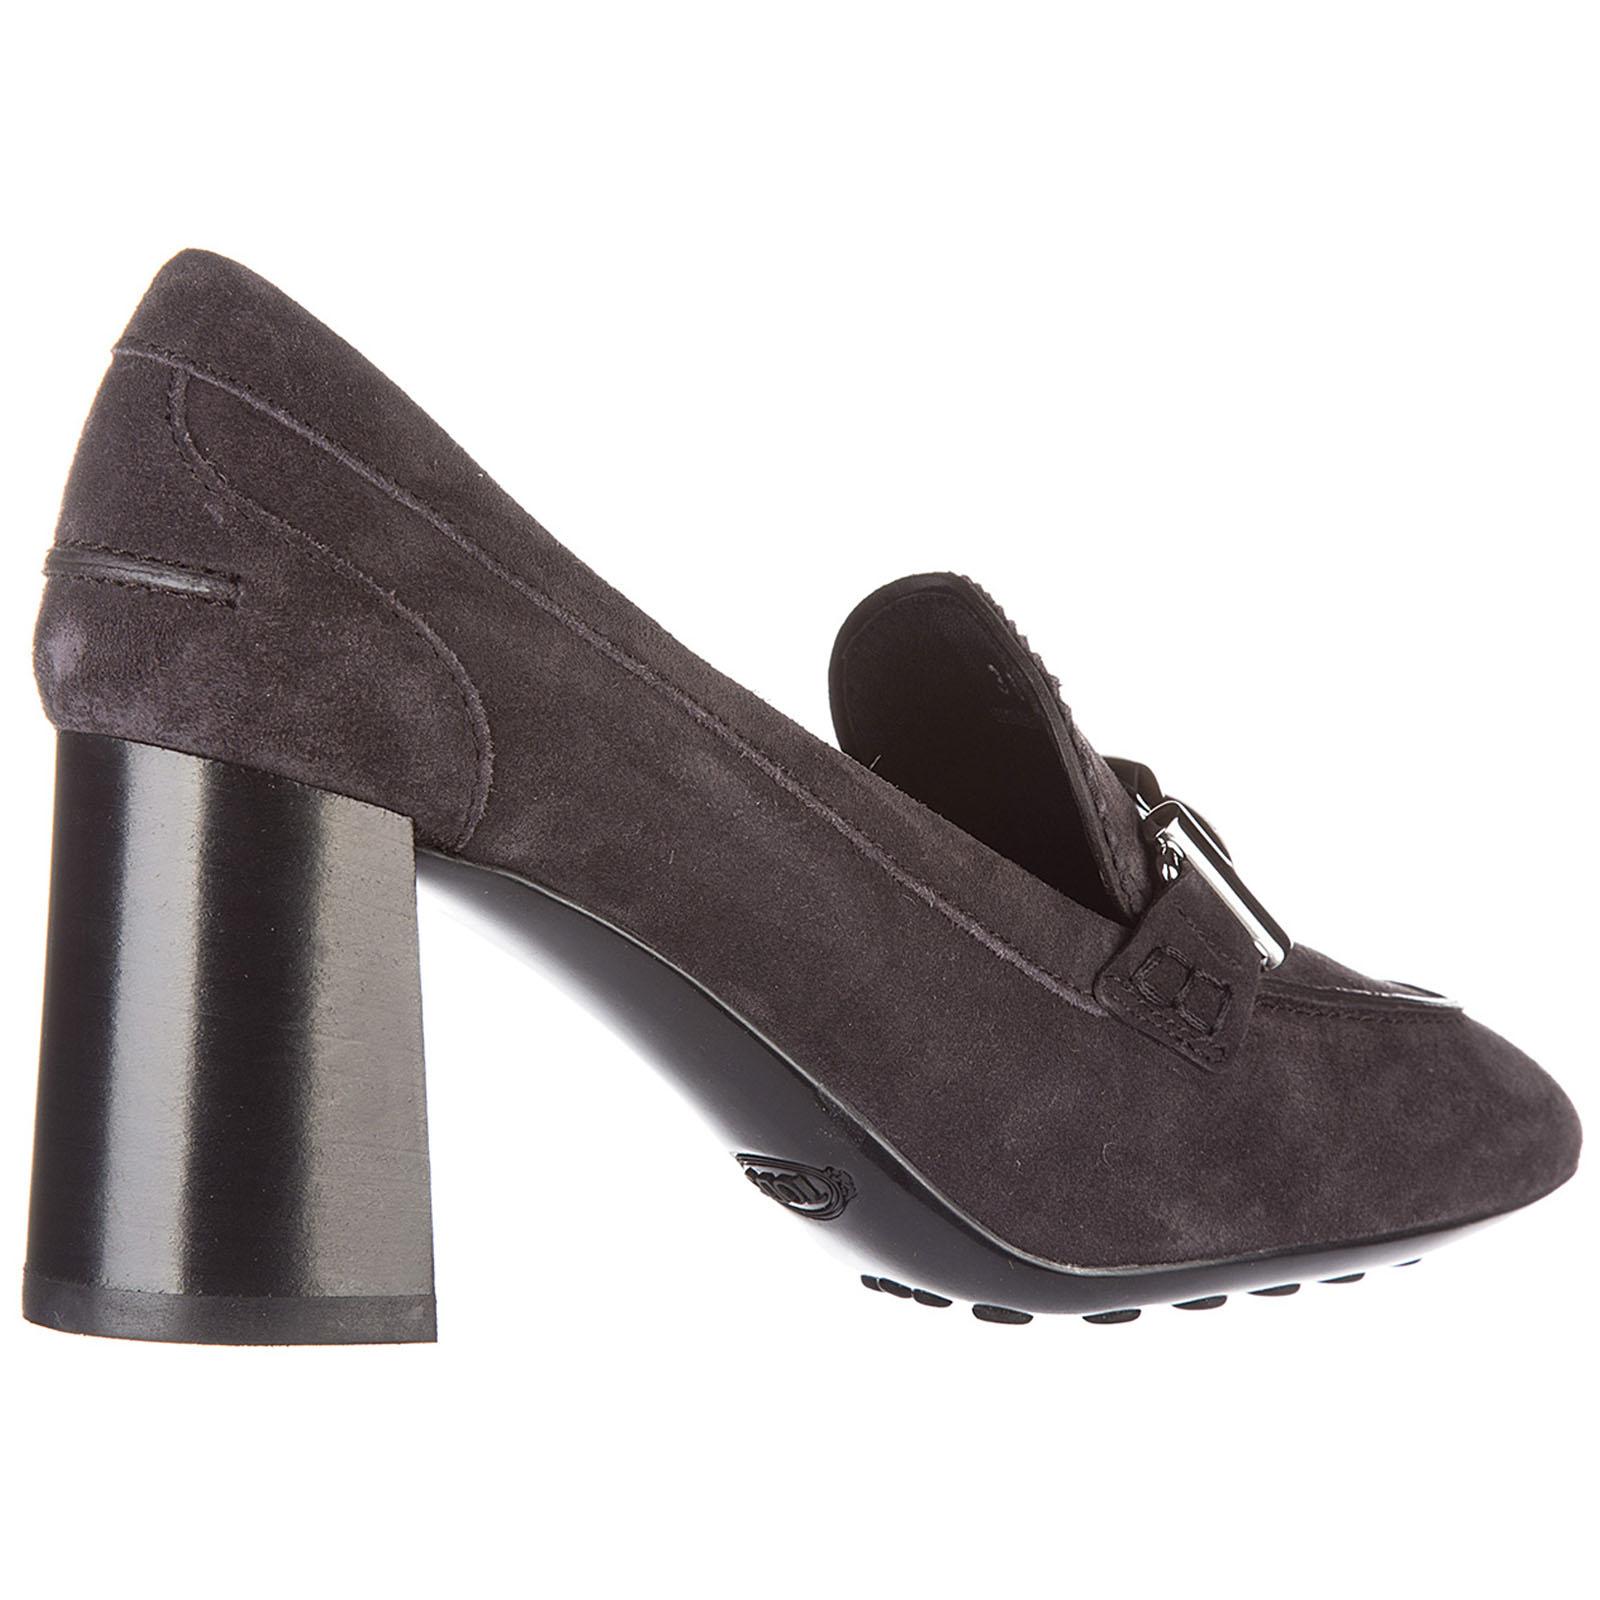 Decolletes decoltè scarpe donna con tacco camoscio double t